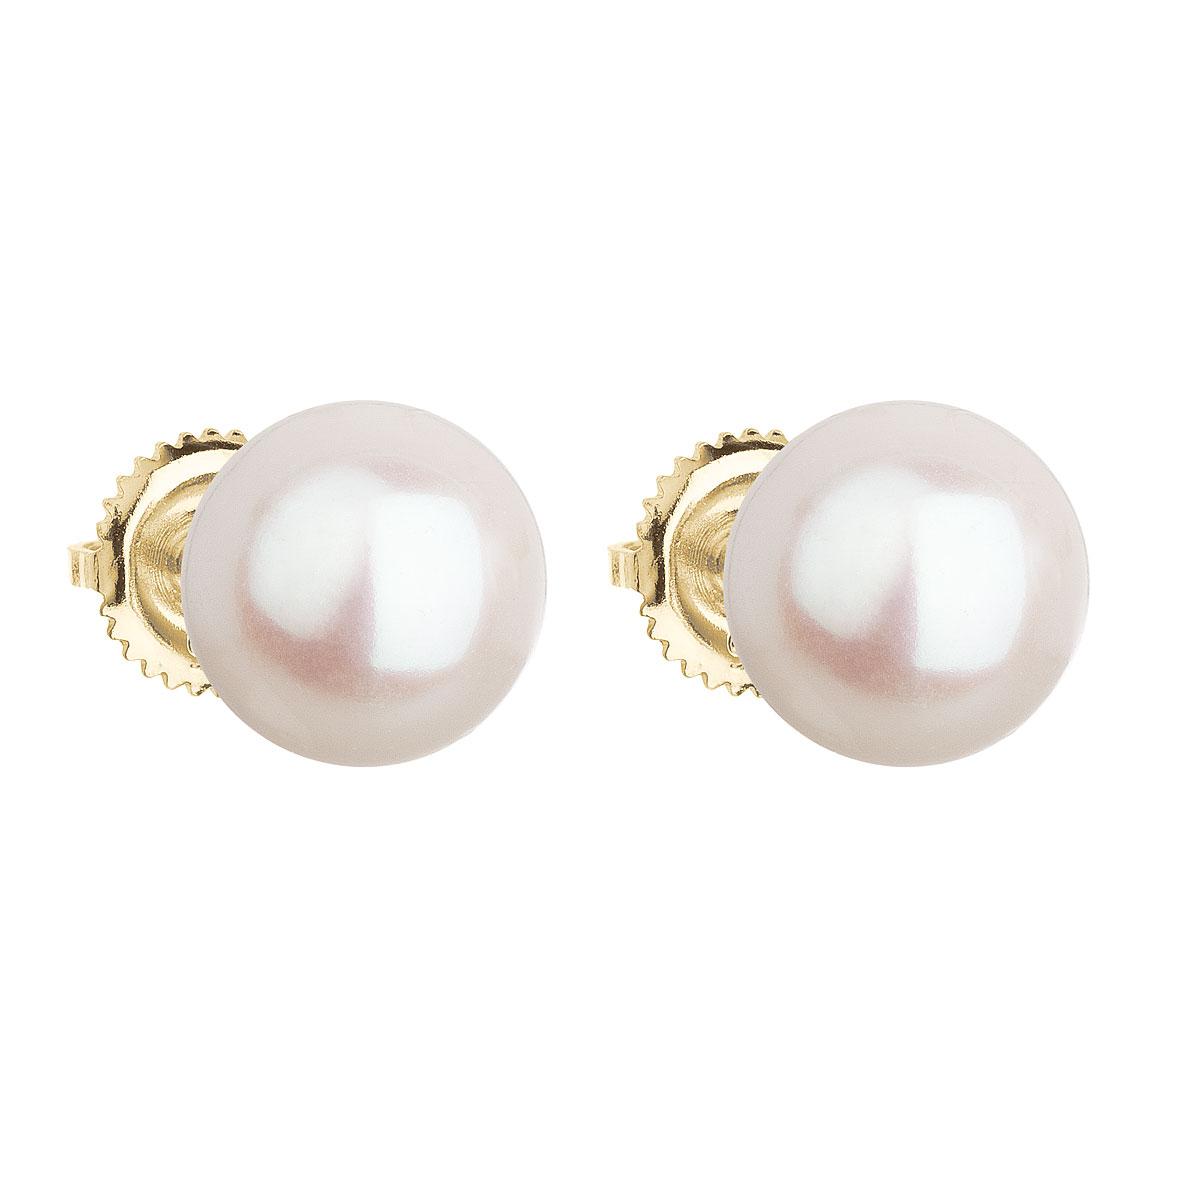 Evolution Group Zlaté 14 karátové náušnice pecky s bílou říční perlou 921005.1